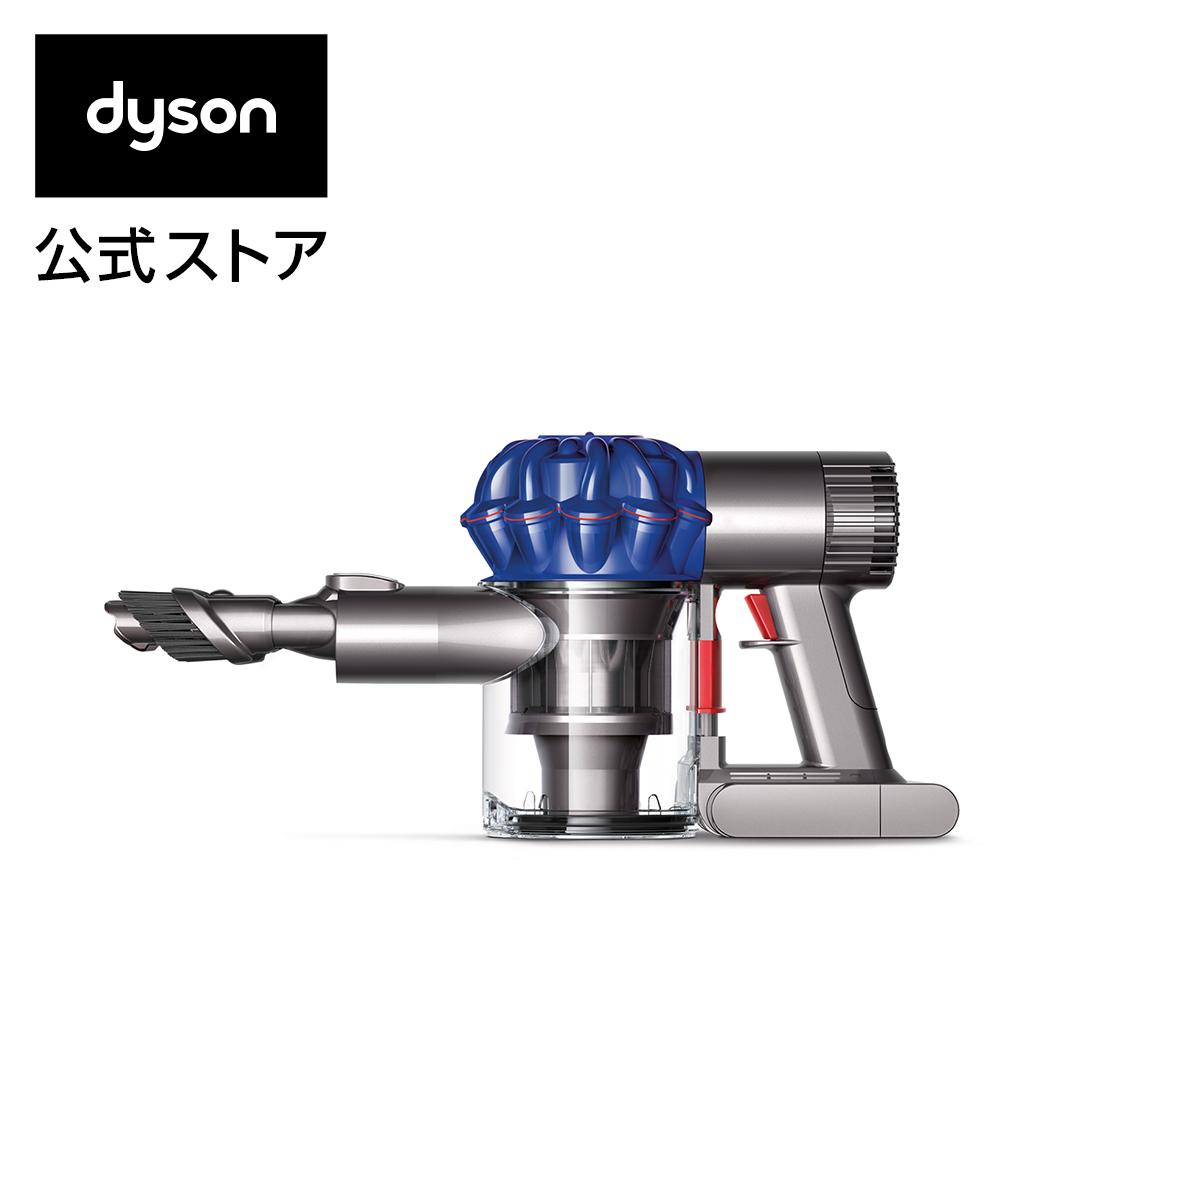 ダイソン Origin Dyson V6 Trigger Dyson Origin ハンディクリーナー サイクロン式掃除機 Trigger DC61MOMB【5002037】, 洋品百貨YAMATOYA:8435be68 --- sunward.msk.ru